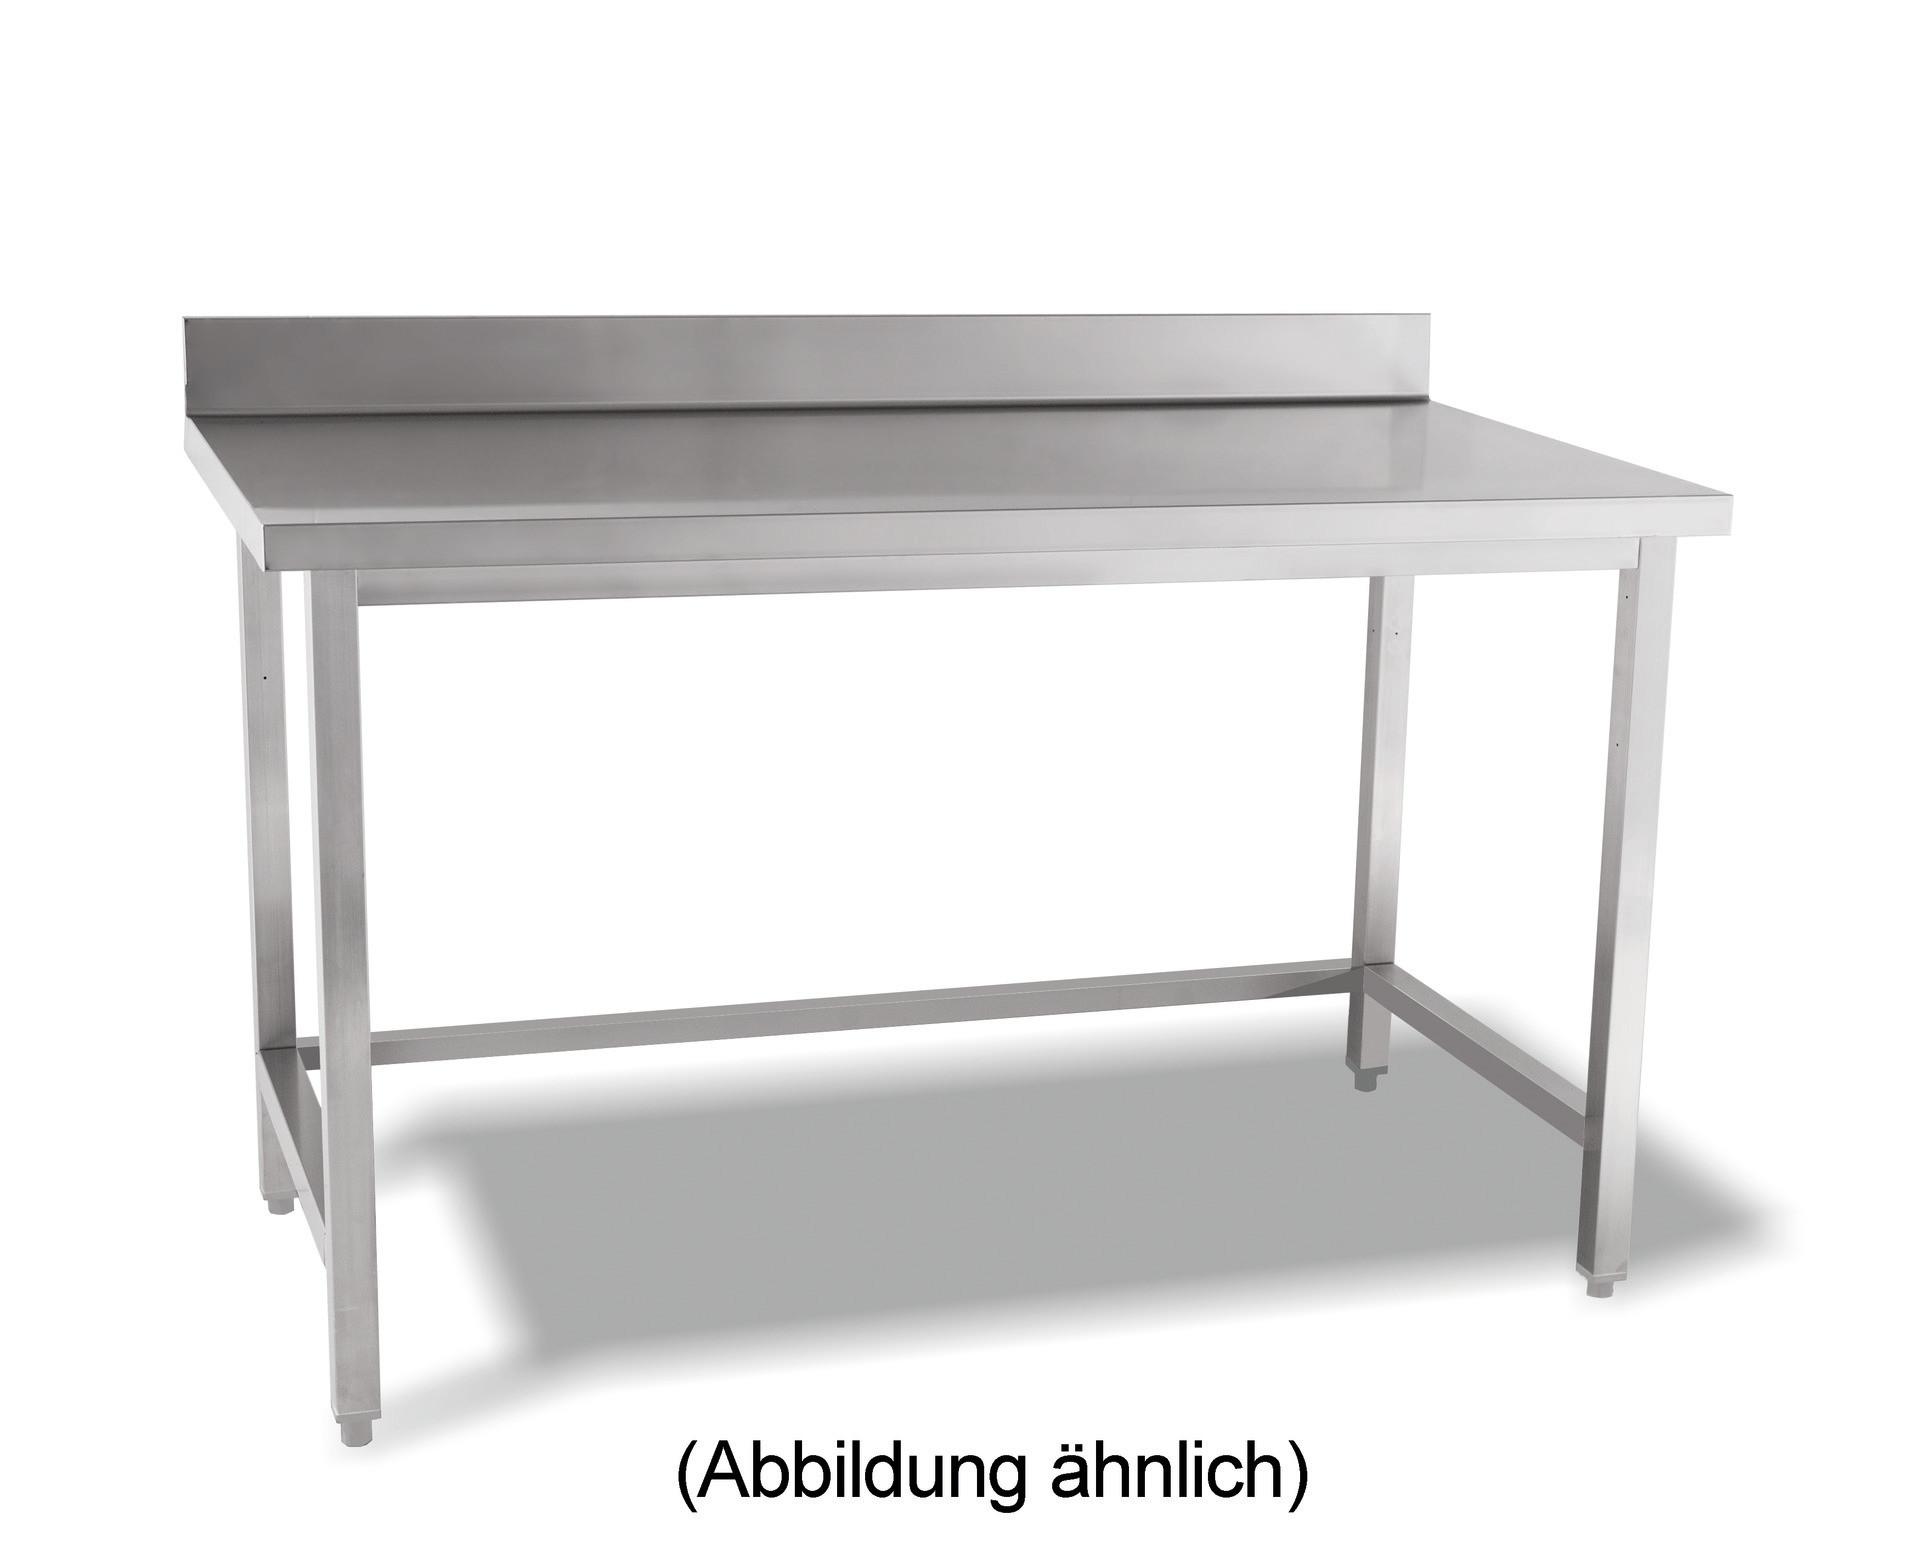 Arbeitstisch verschweißt o. Ablageboden mit 50 mm Aufkantung 1400 x 700 x 850 mm